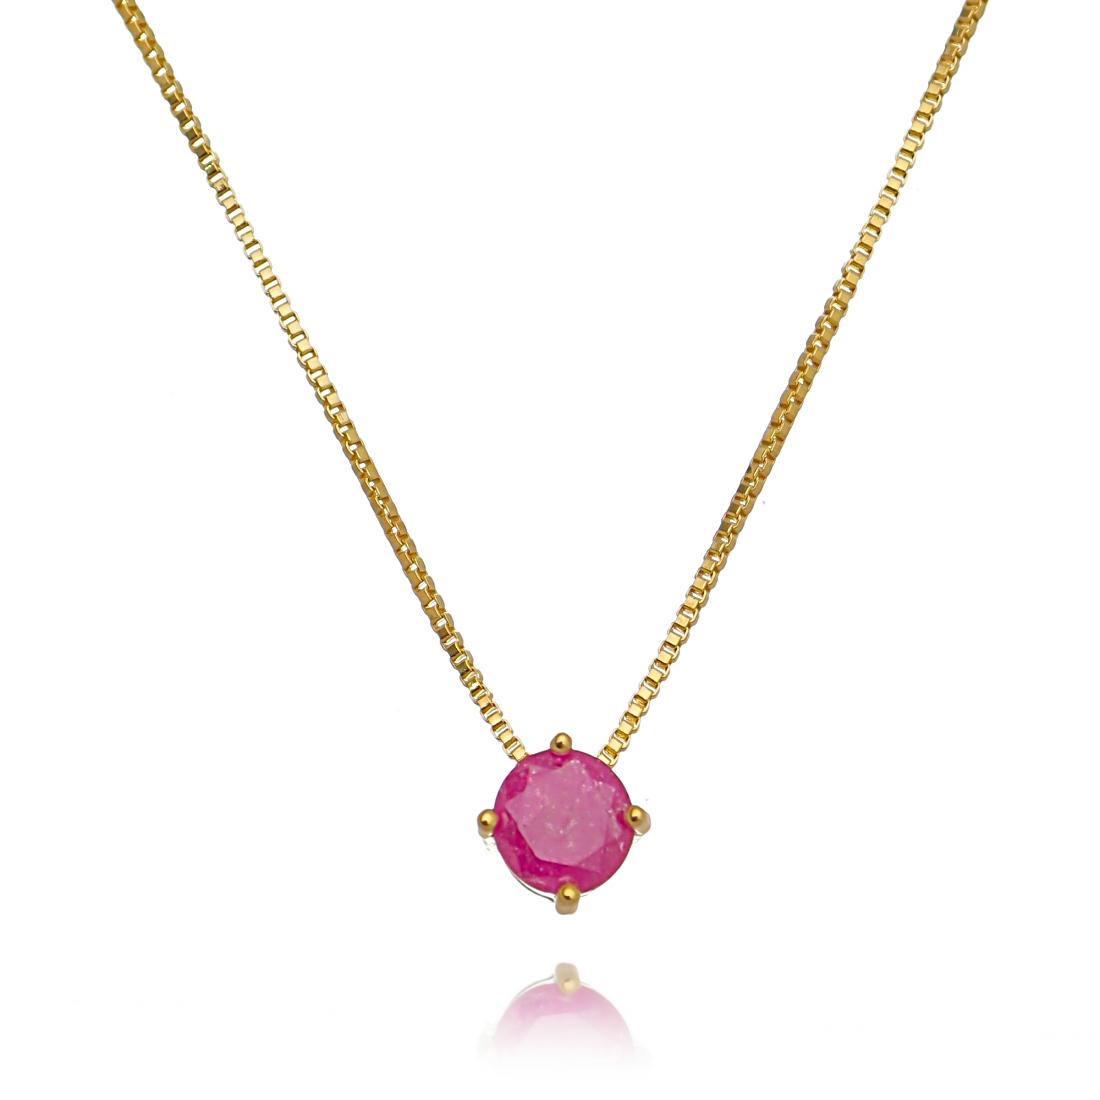 Colar Redondo Rosa Fusion Semijoia Online em Ouro  - Soloyou